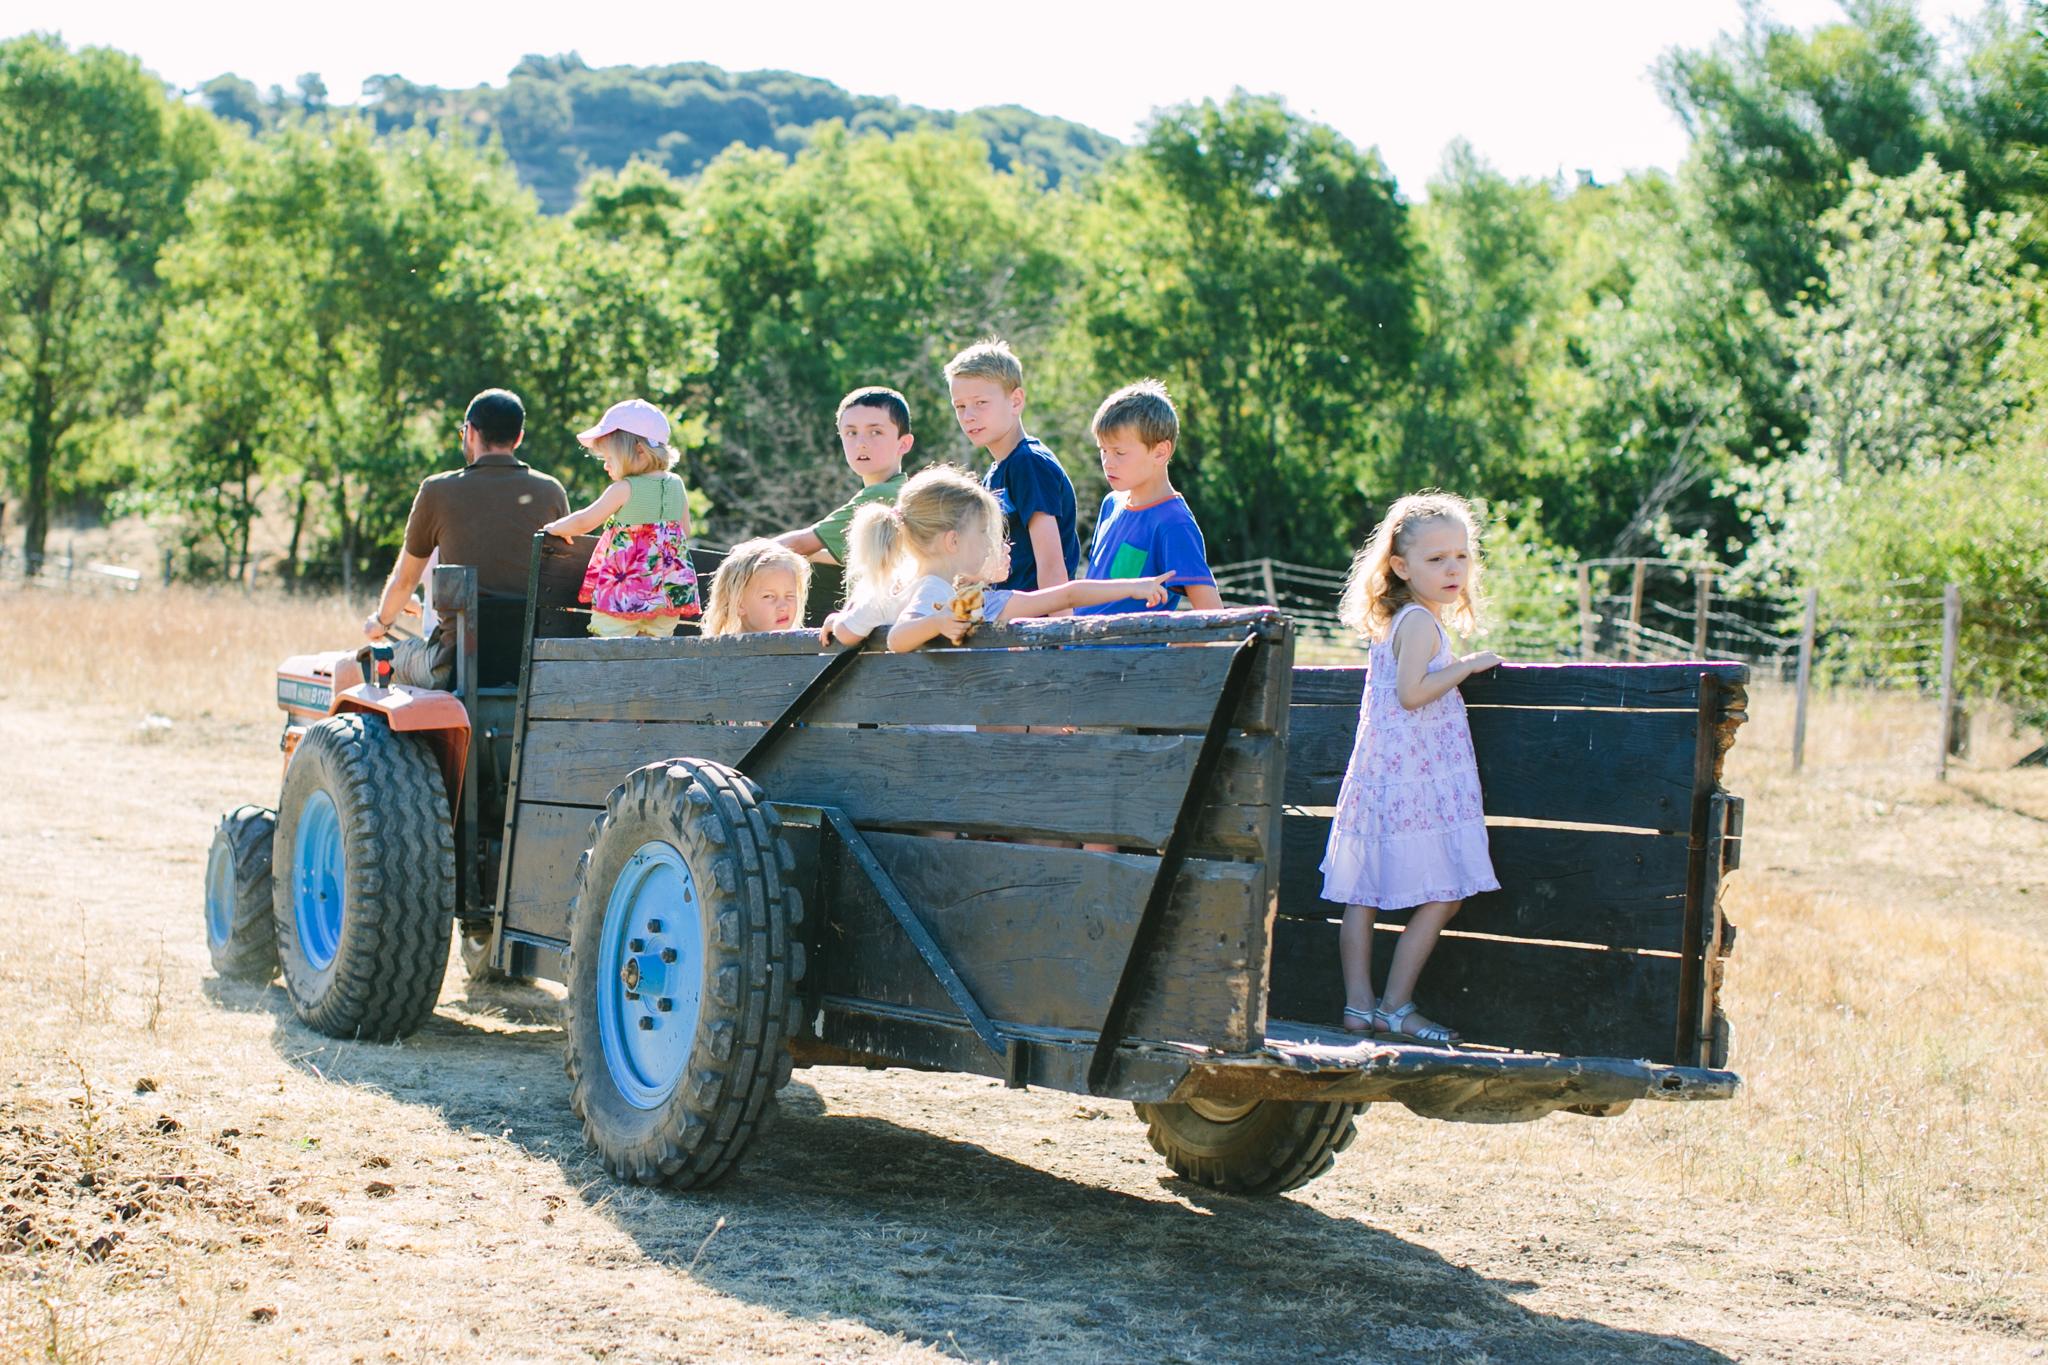 country_kids_malvinaphoto_f3-1.jpg